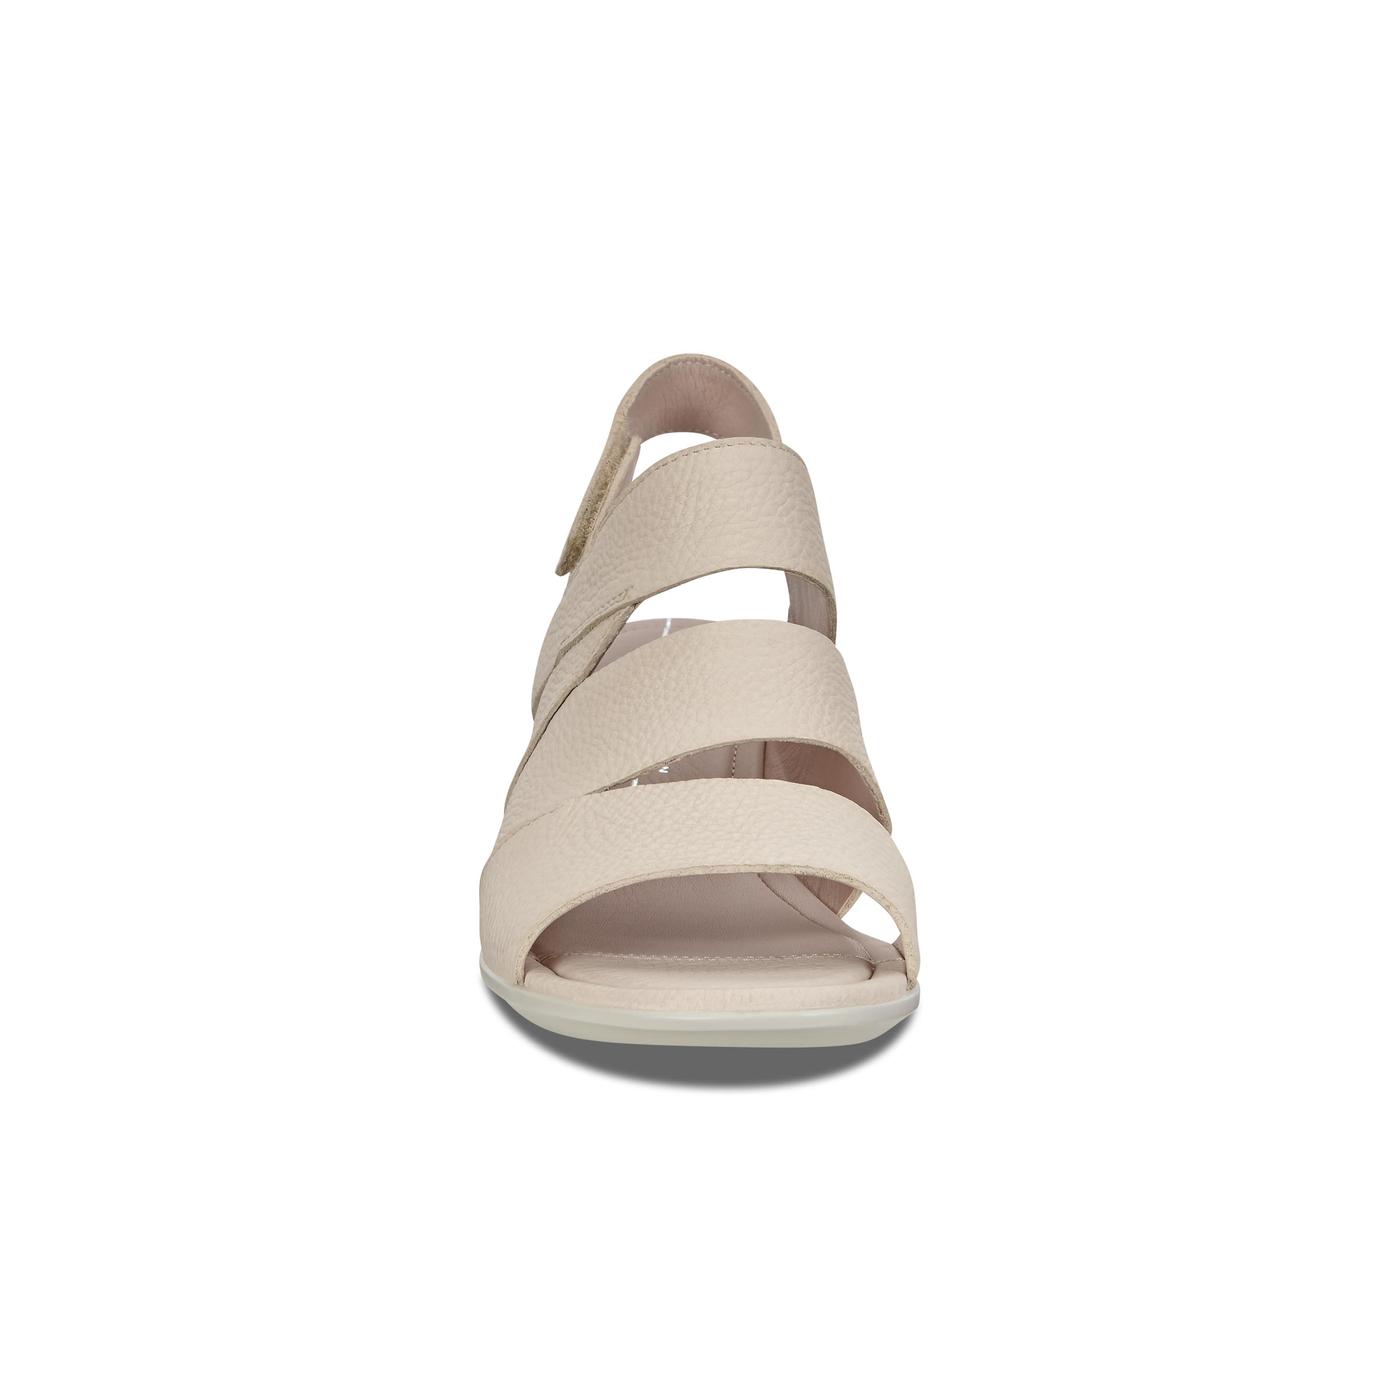 ECCO SHAPE 35 WEDGE SANDAL Heel